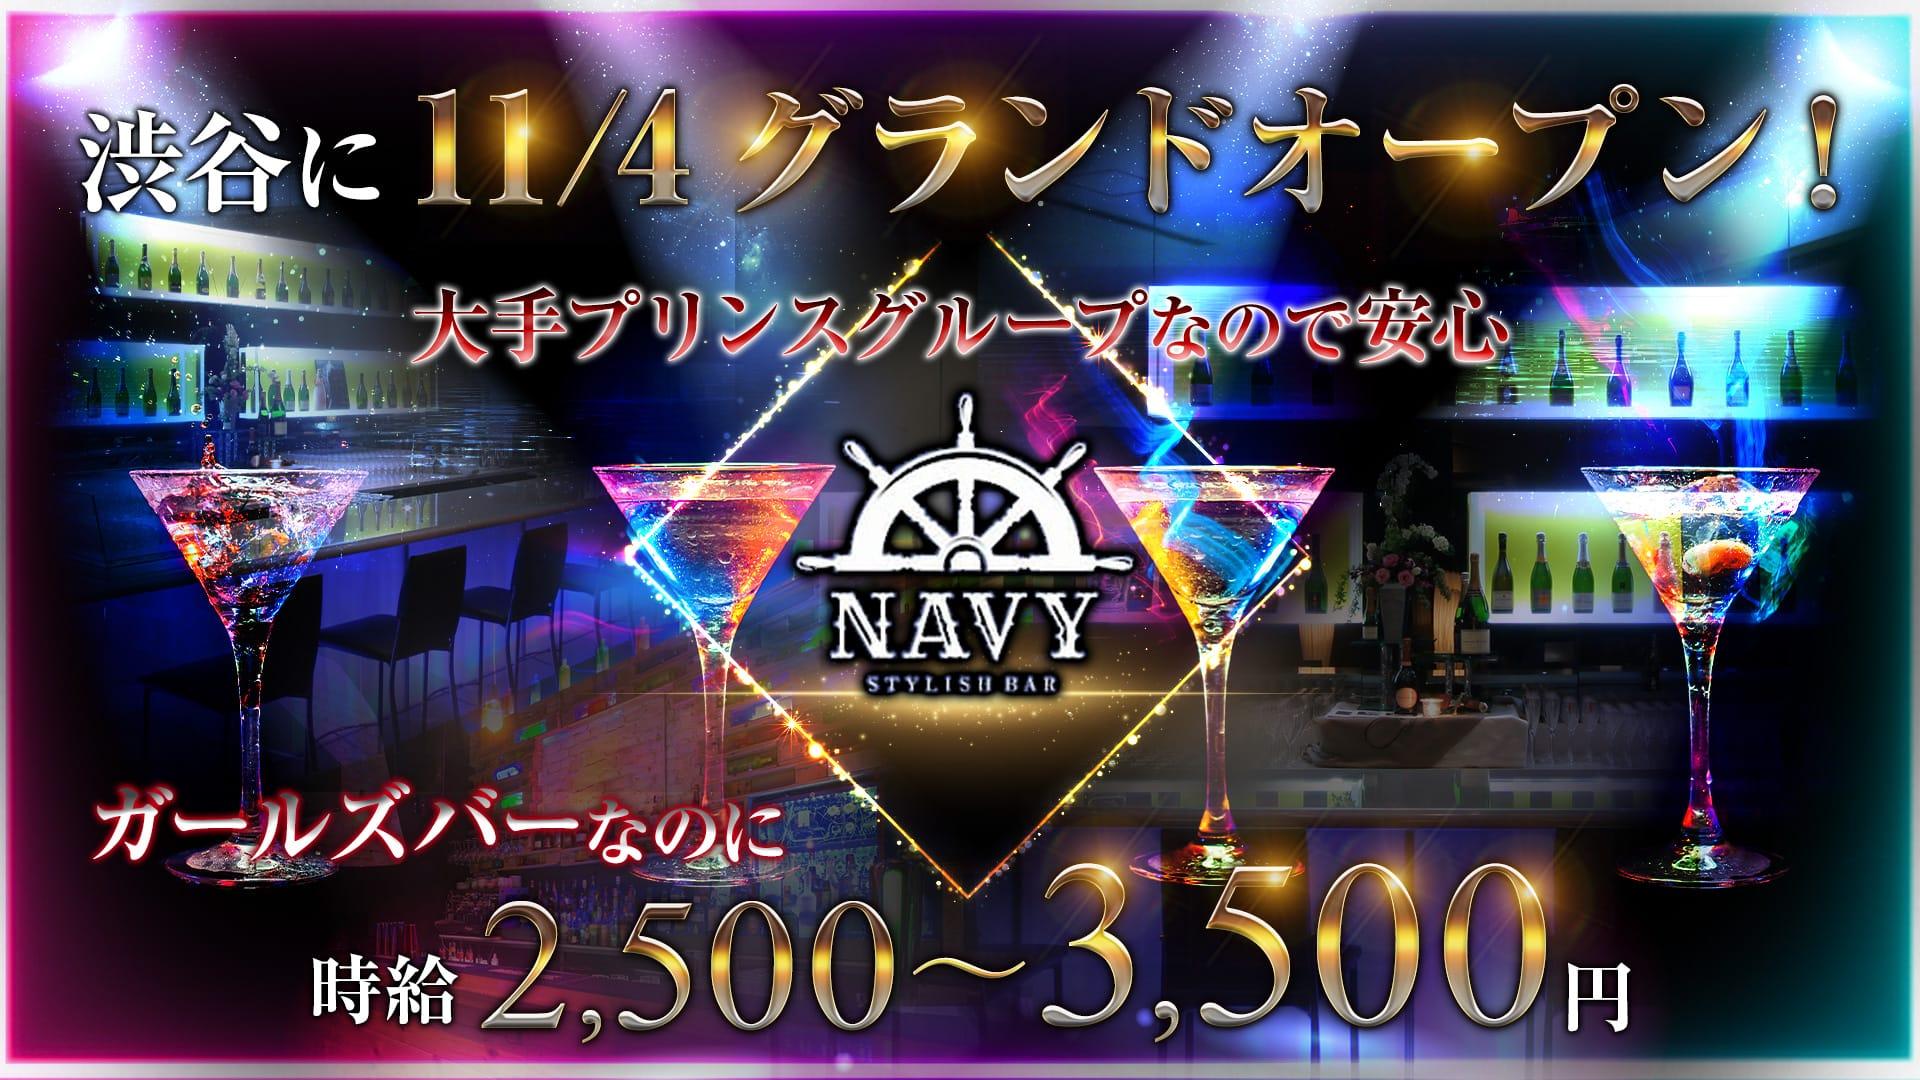 渋谷NAVY(ネイビー)【公式求人・体入情報】 渋谷ガールズバー TOP画像